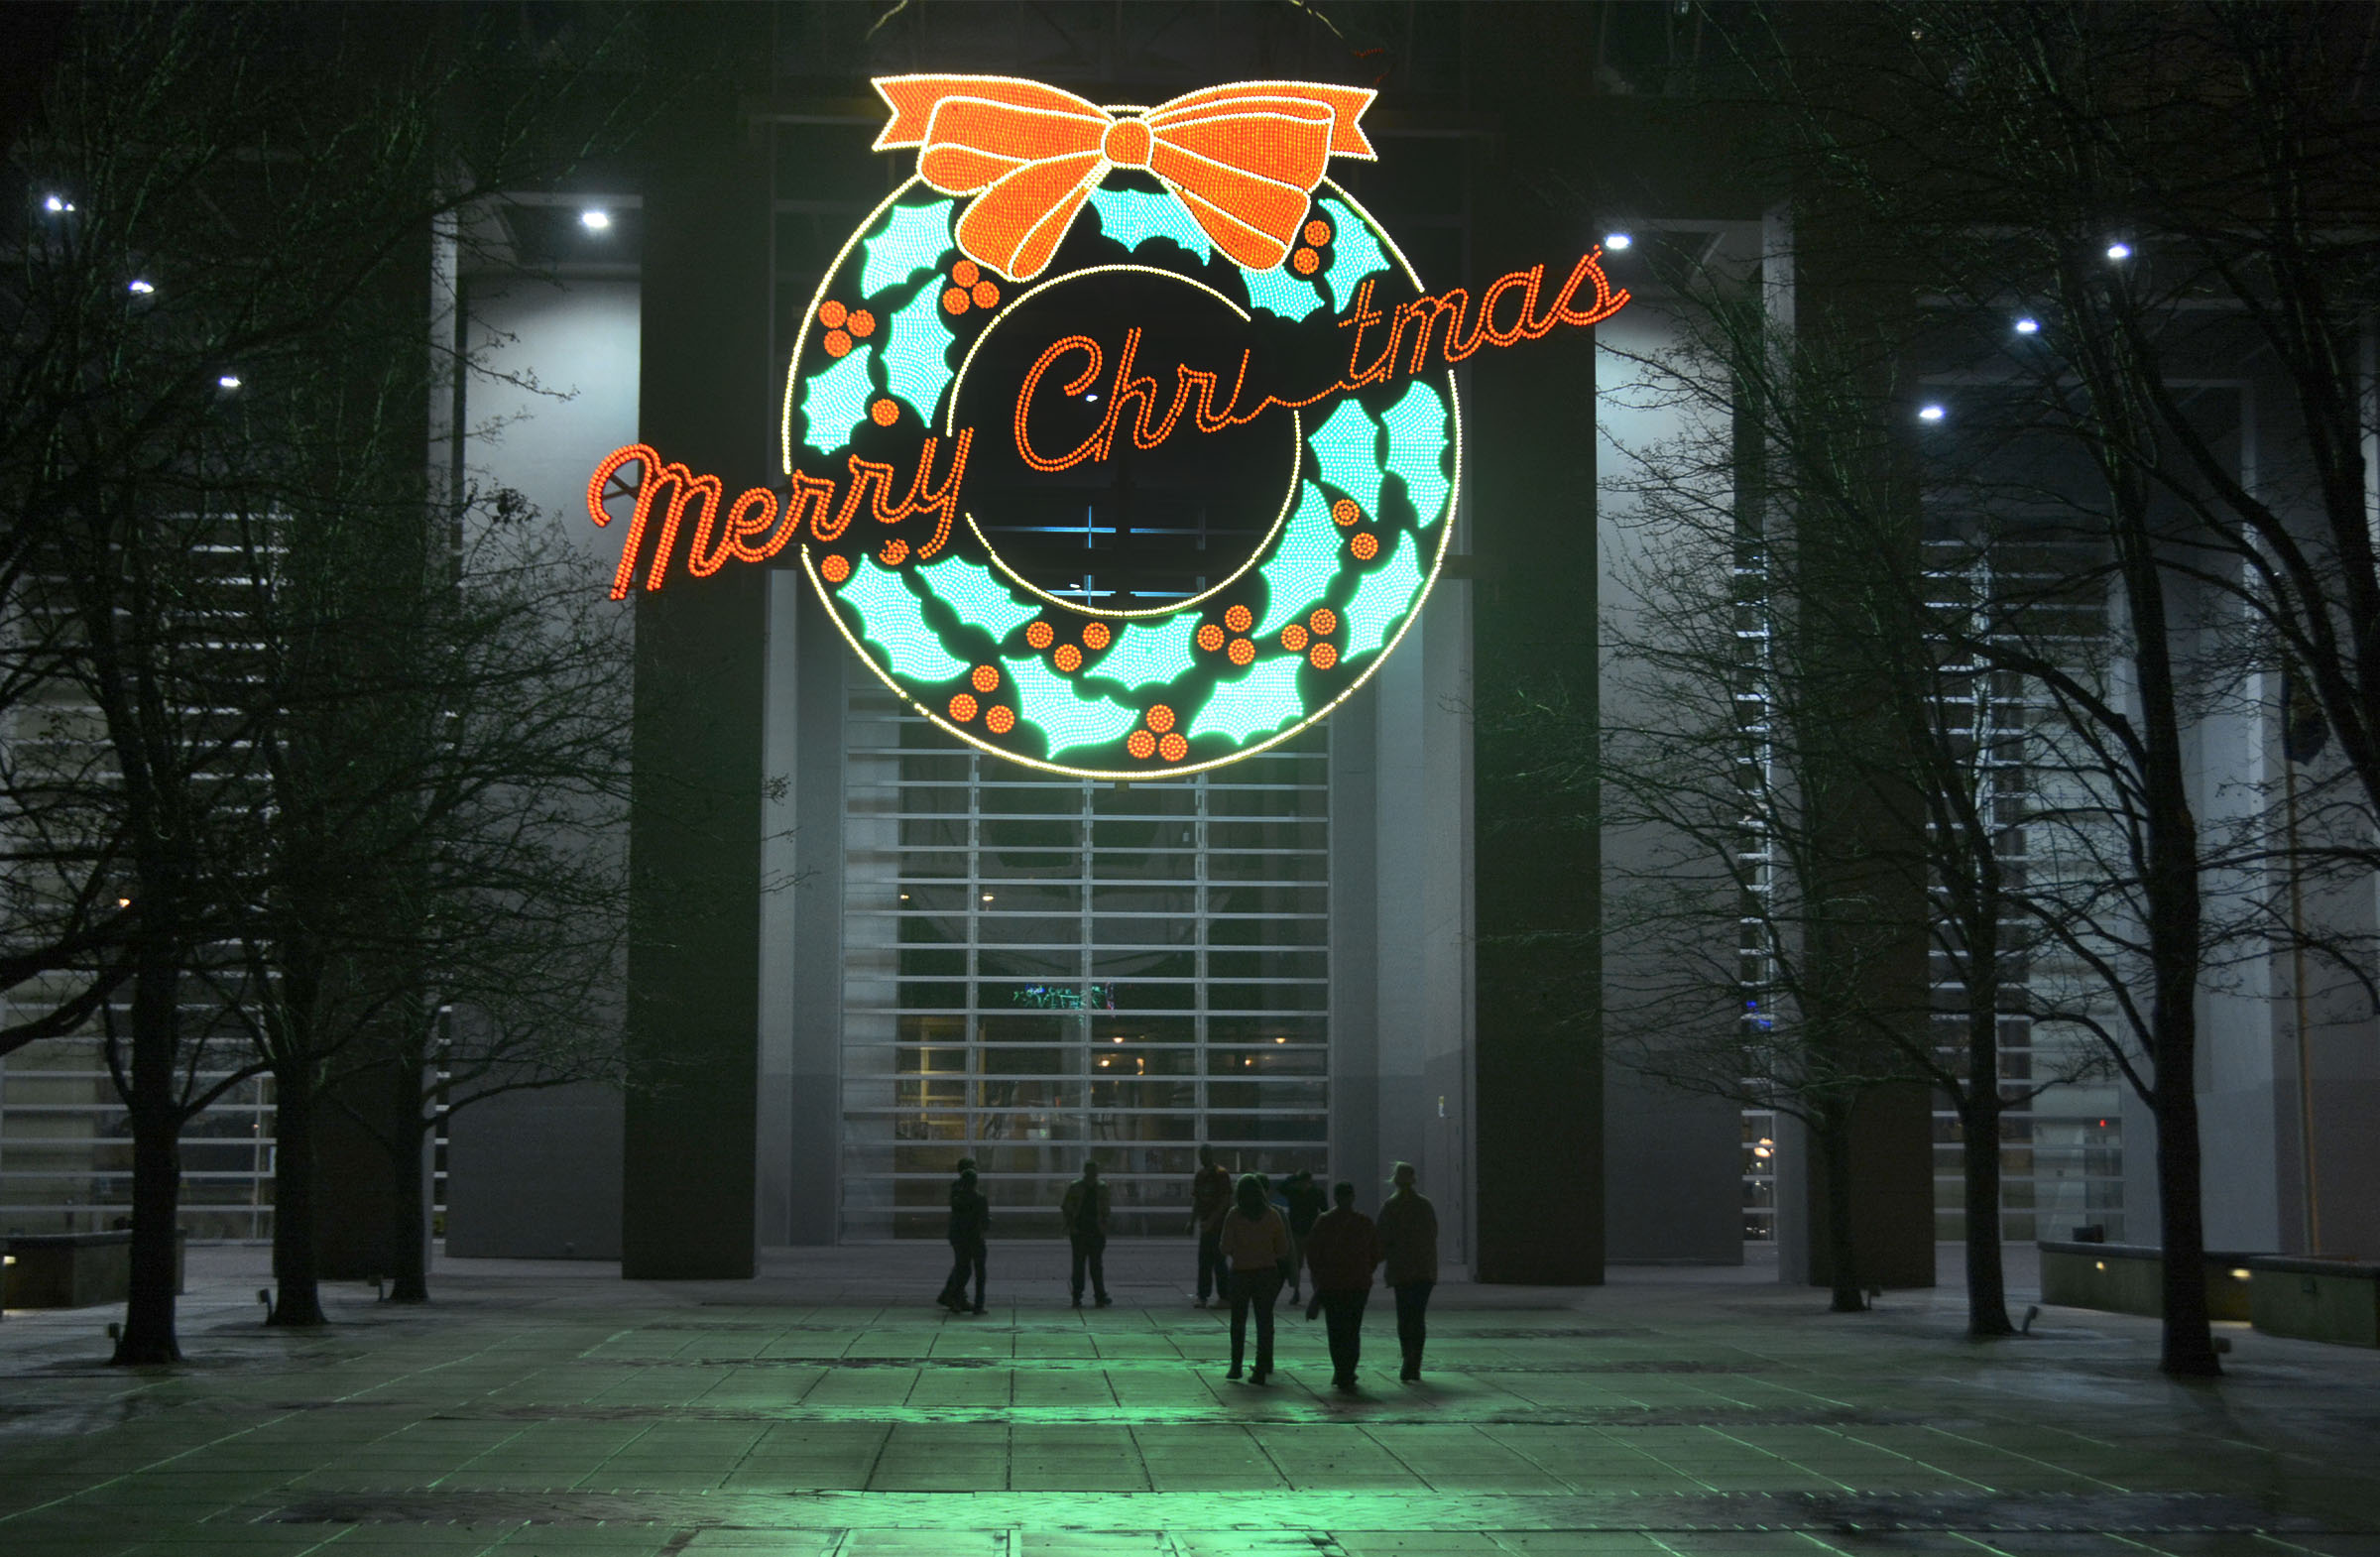 Pnc Christmas Lights